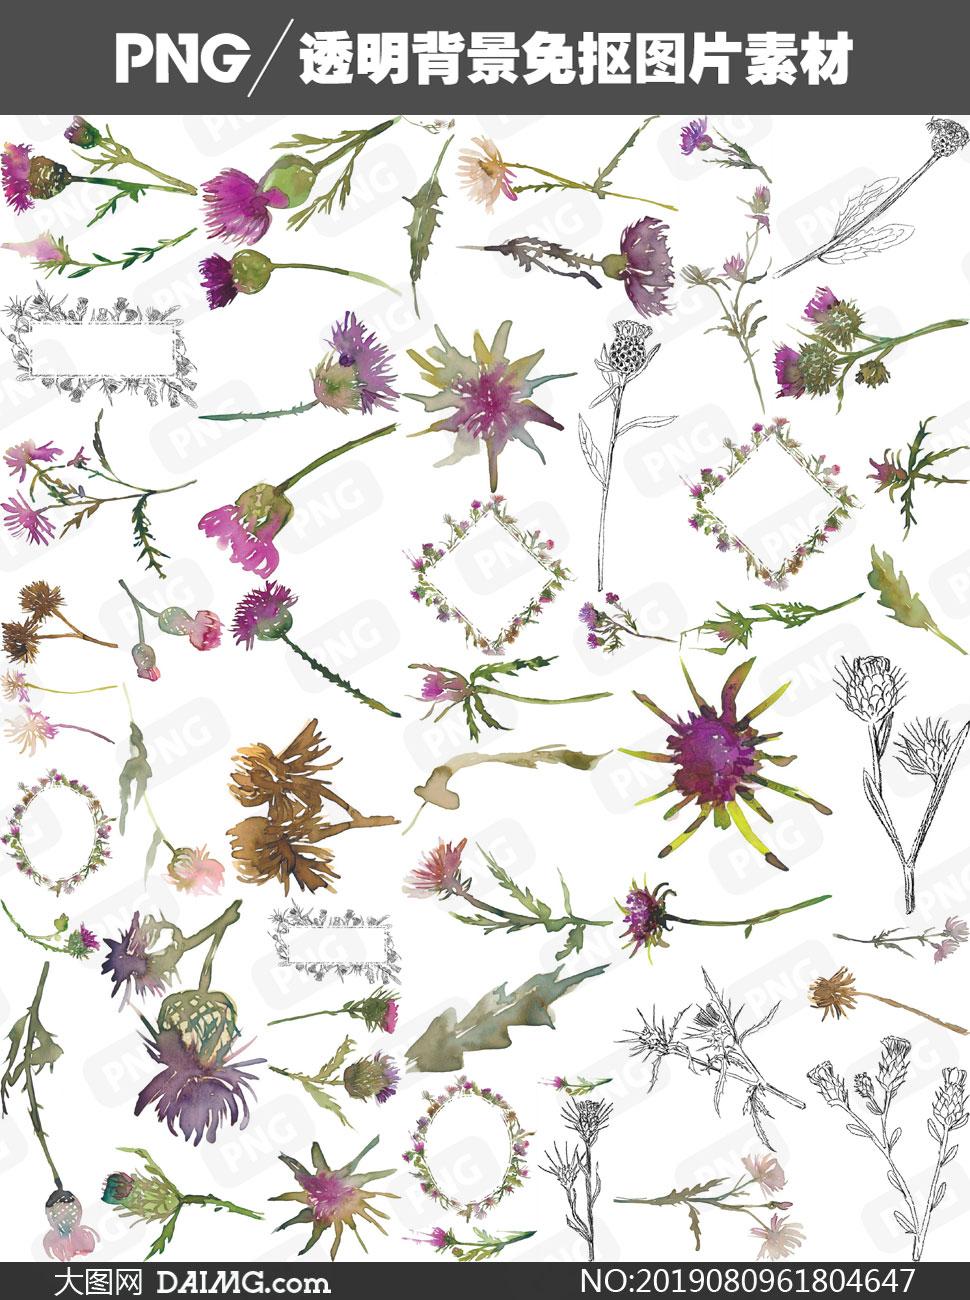 薊花與鮮花邊框等水彩免摳圖片素材